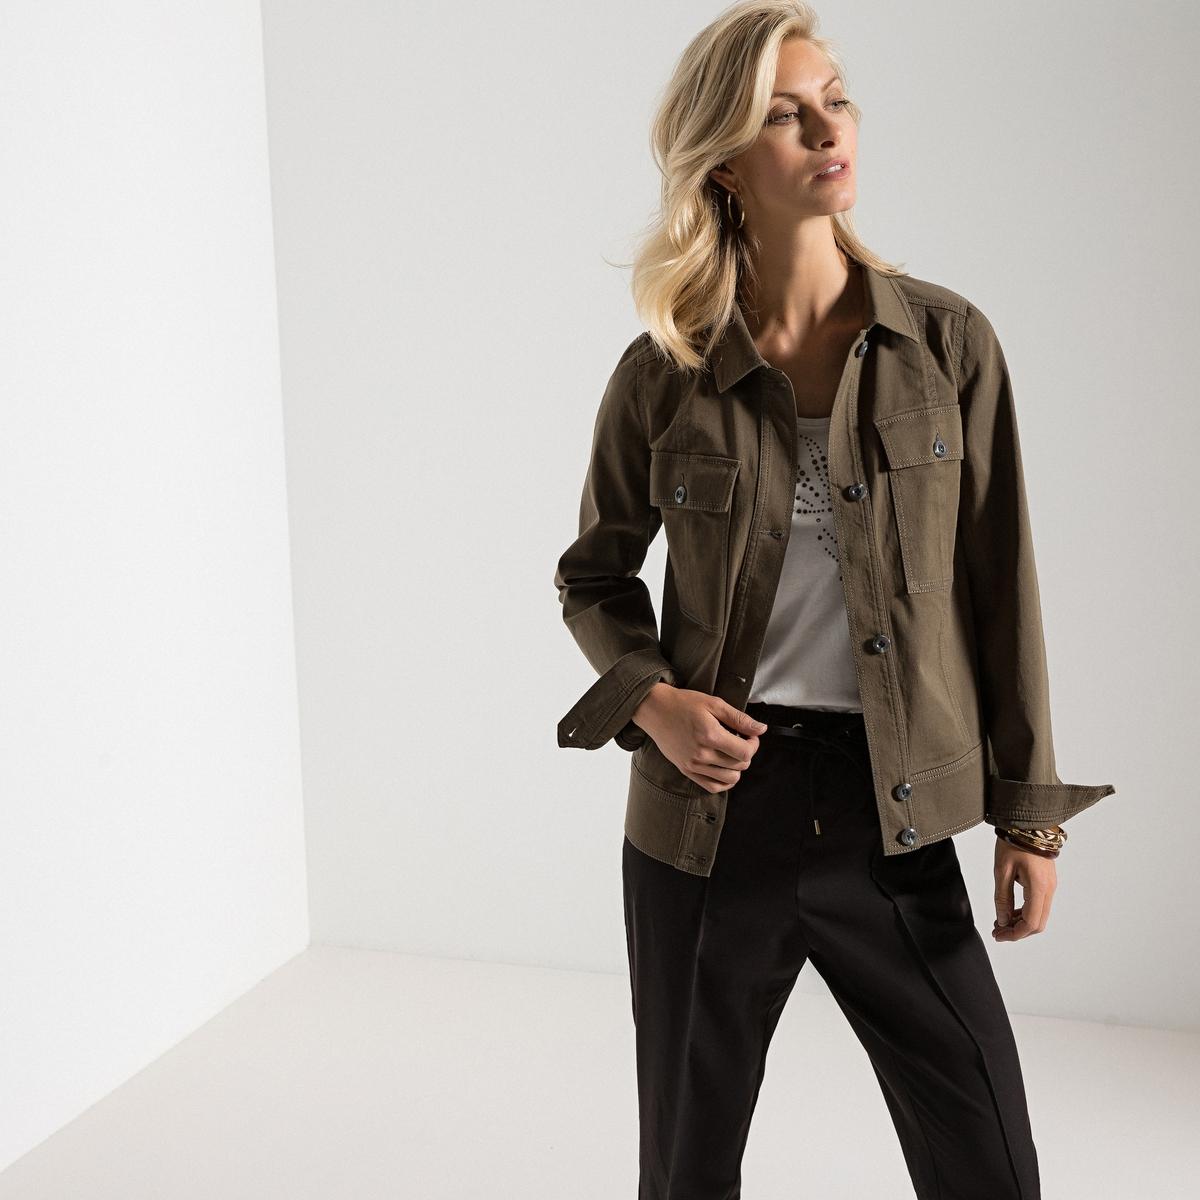 Жакет прямого покроя в стиле милитари с накладными карманами, из хлопка, стрейч жакет удлинённый в стиле милитари на молнии с поясом